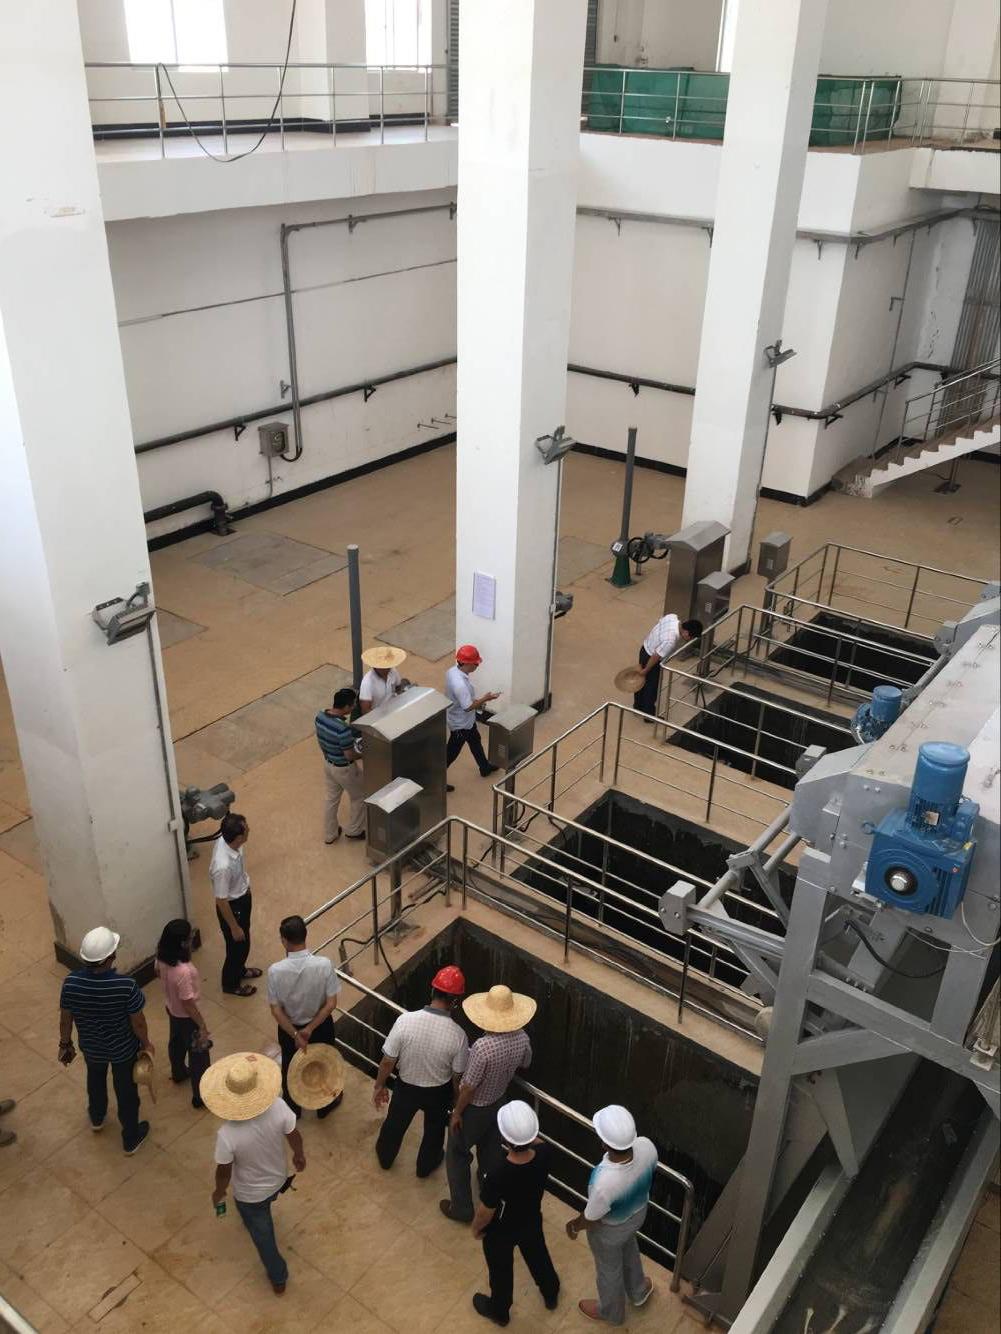 广州石井污水处理二期Maxbet万博设备采购及安装Maxbet万博